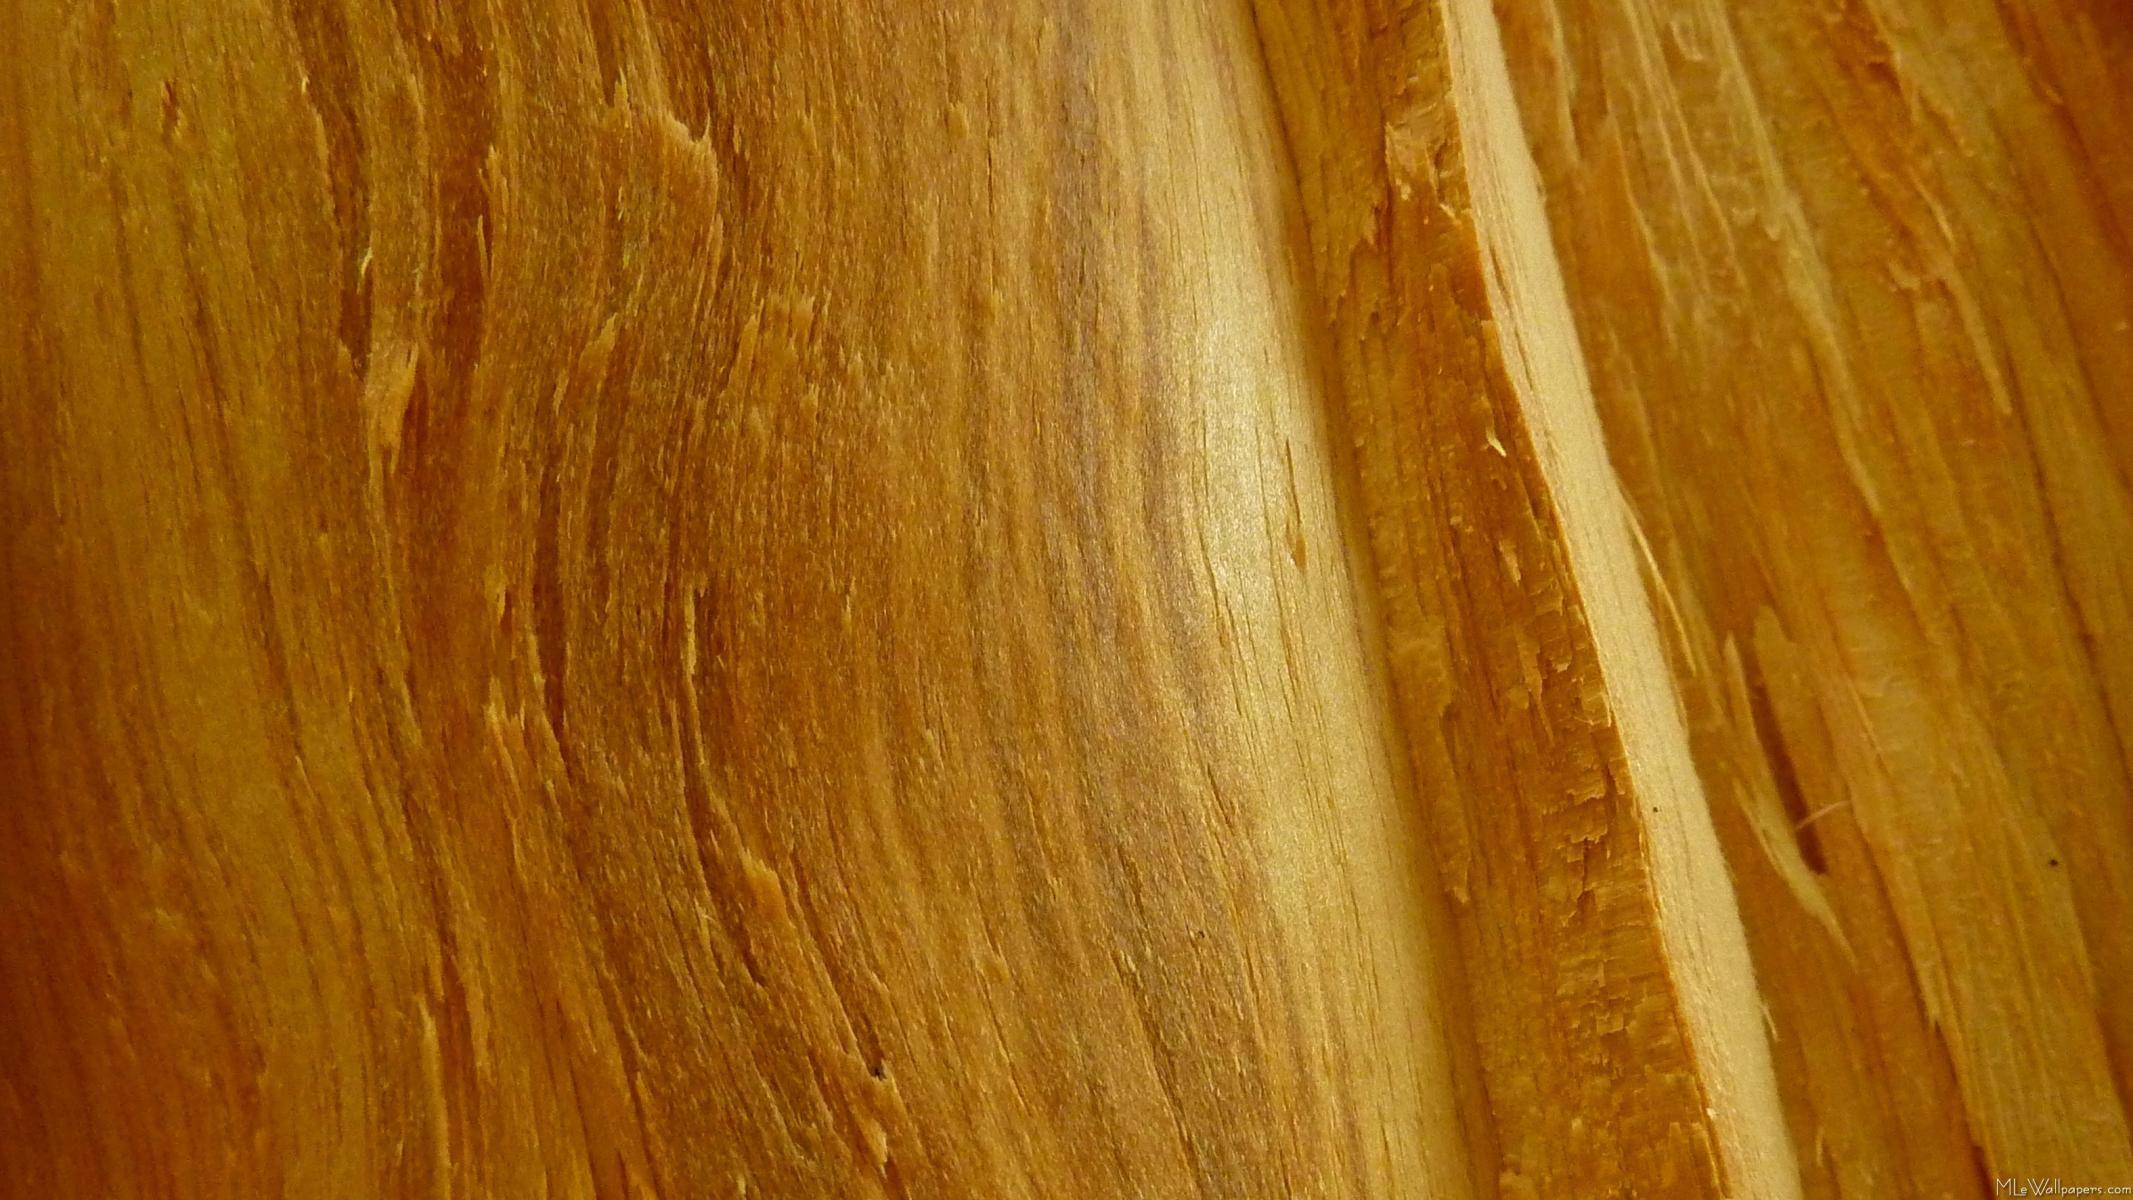 Prepossessing Blue Wood Grain Wallpaper For Wood Grain